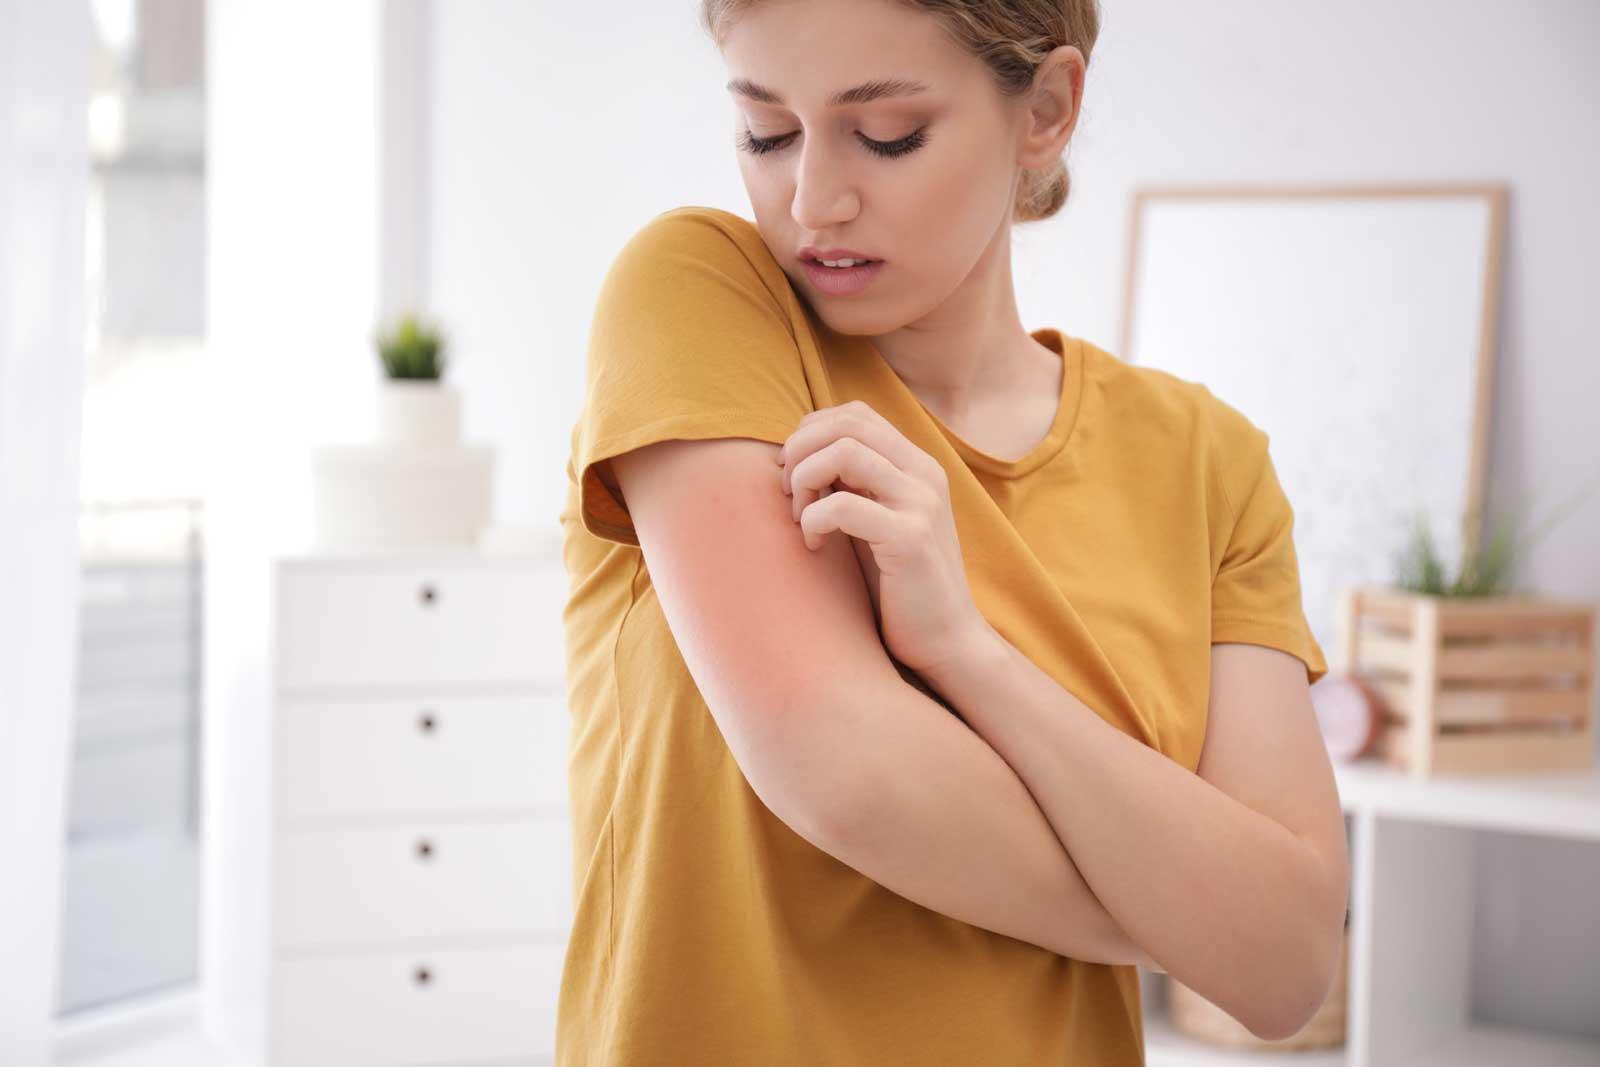 A csalánkiütés egy allergiás bőrbetegség, ami viszketéssel és a bőr felsőbb rétegeinek fakó vagy vöröses színű duzzanatával jár